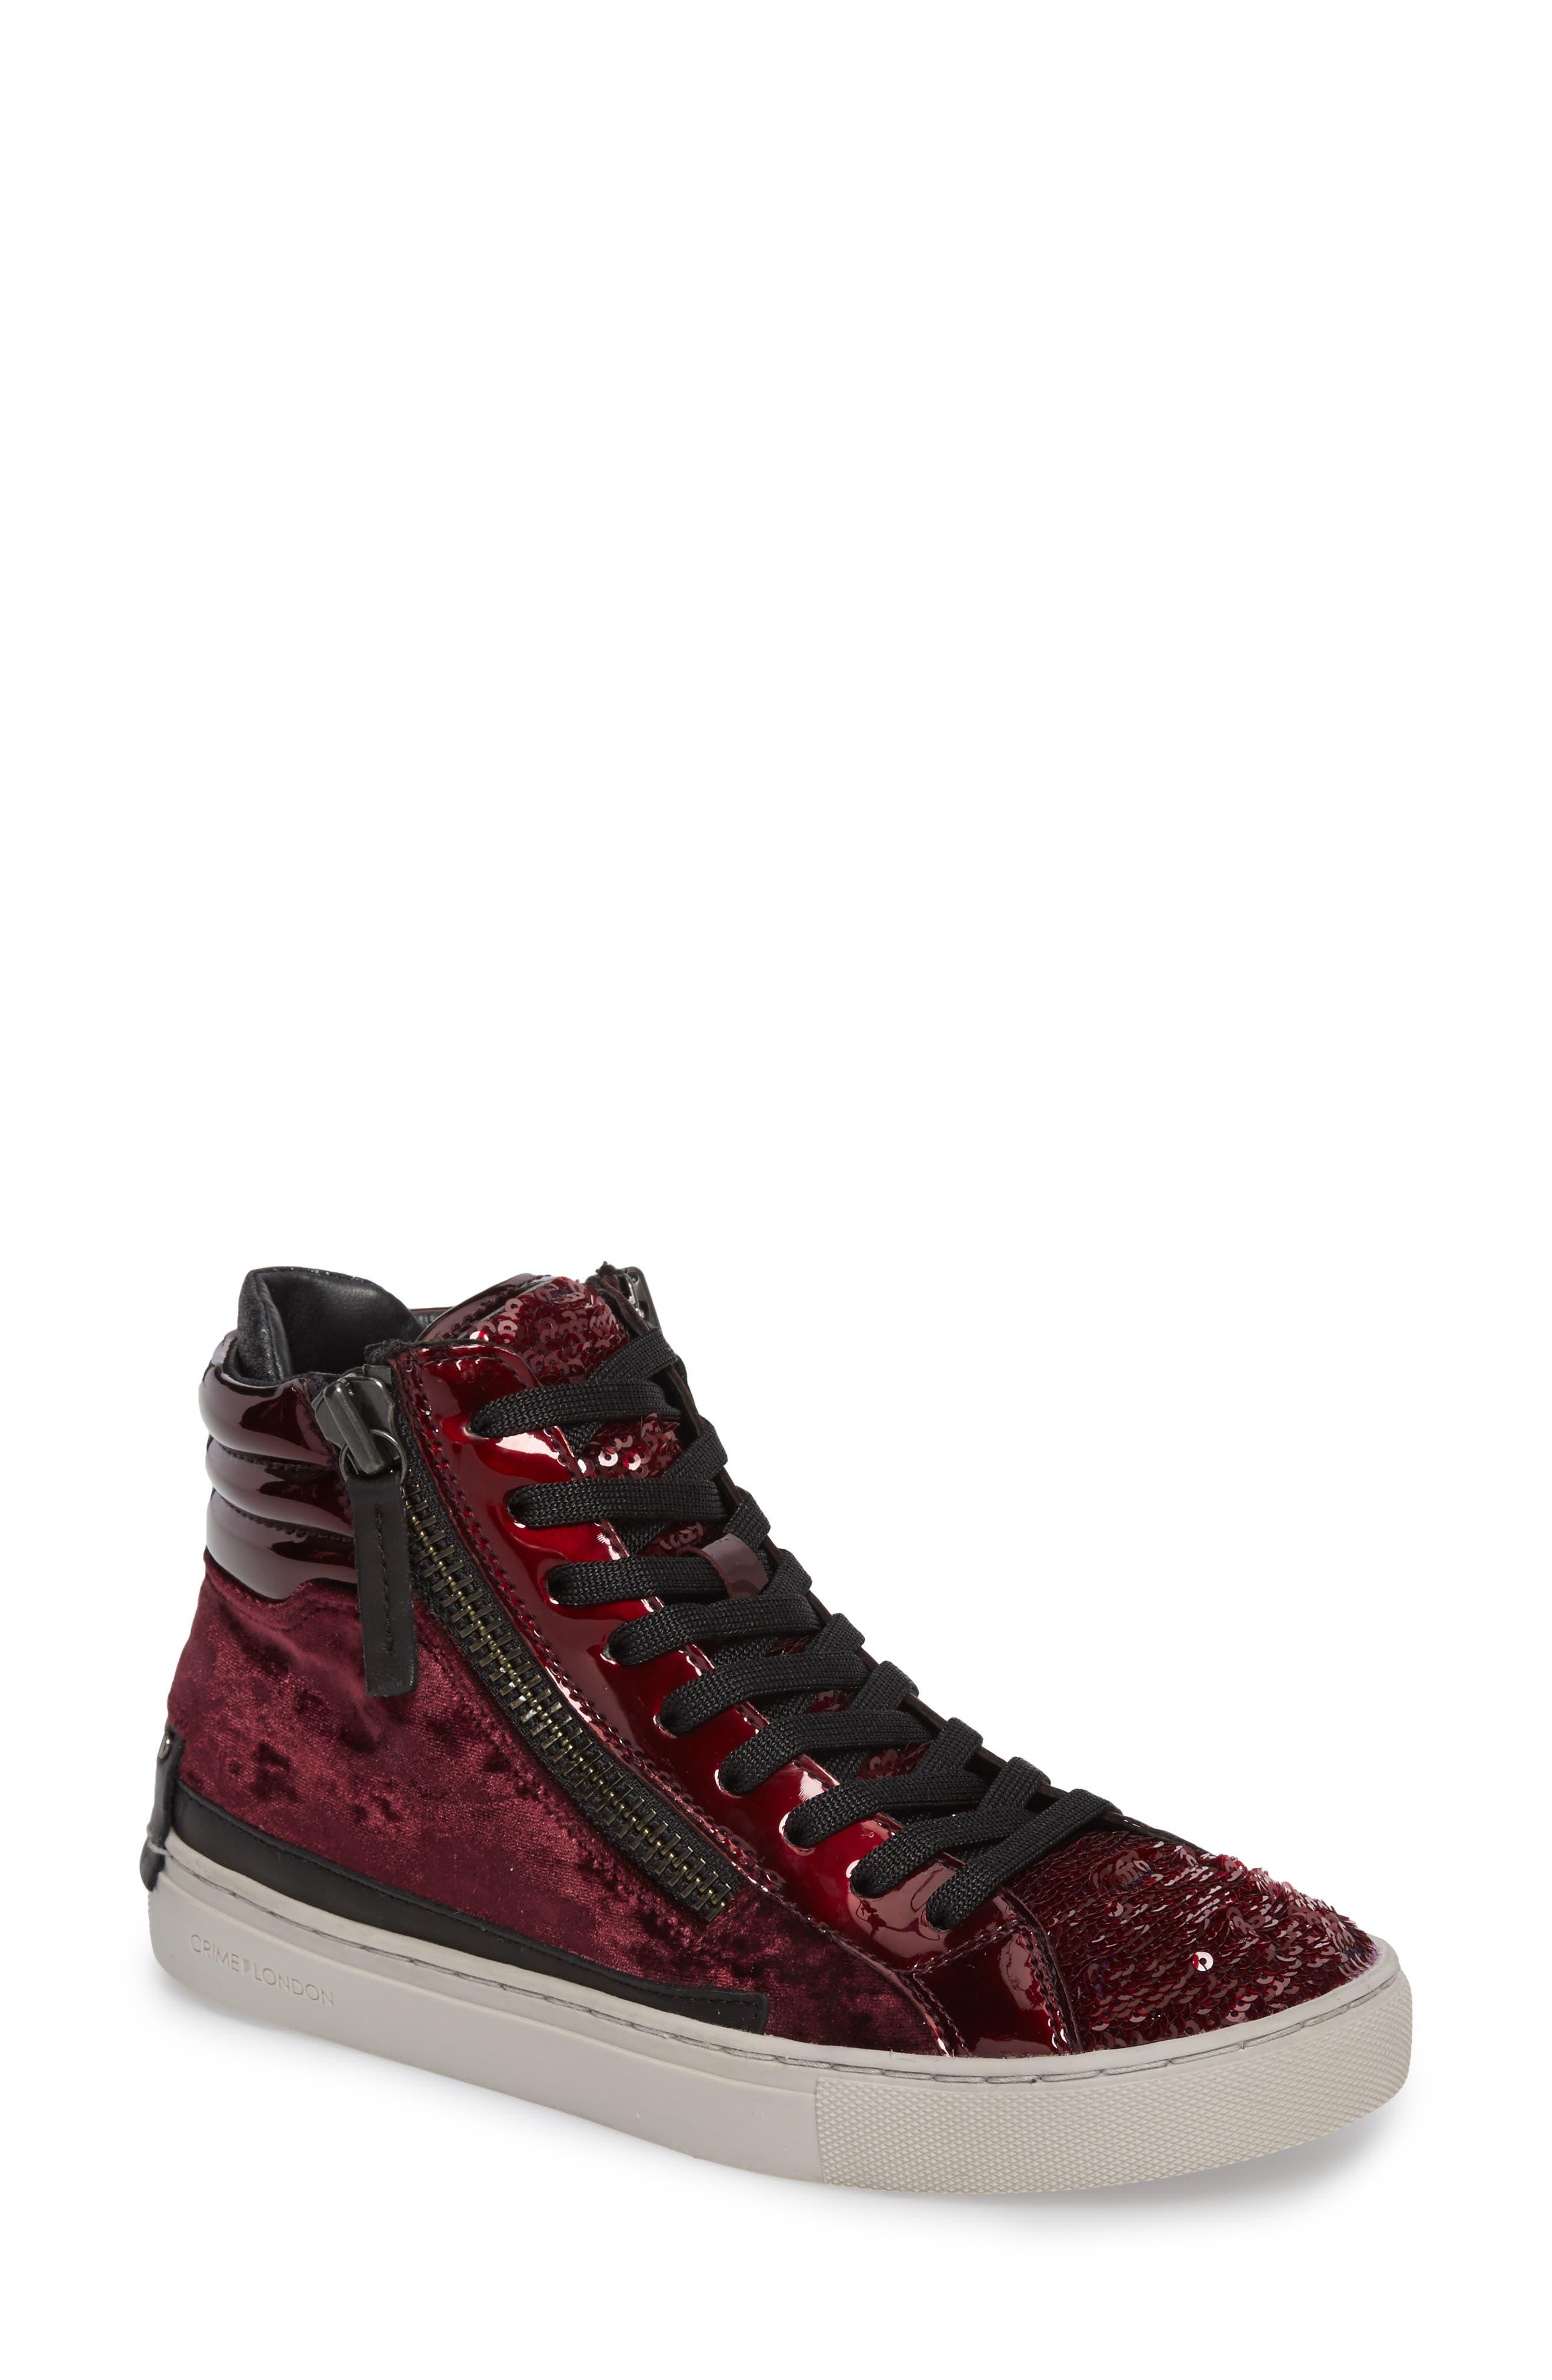 Java Hi Sneaker,                             Main thumbnail 1, color,                             930